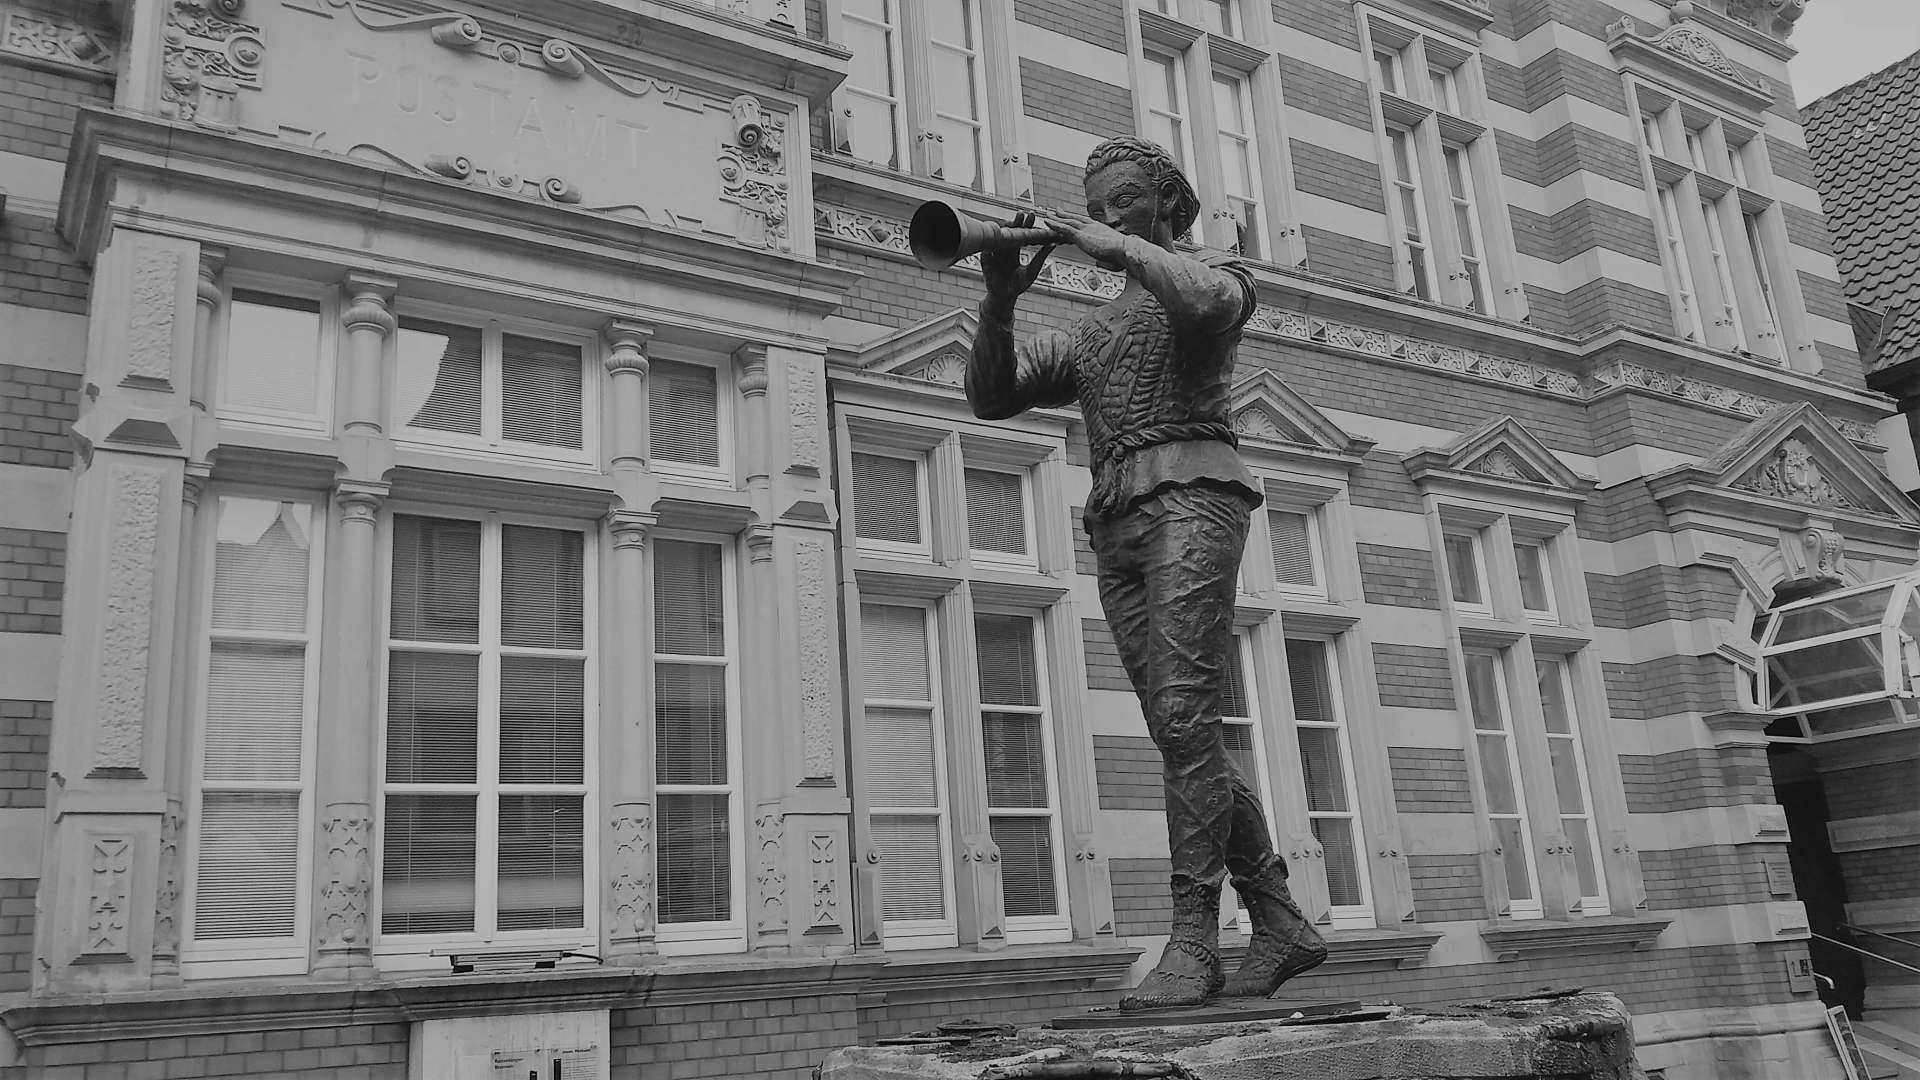 Estatua del Cazador de ratas, en Hamelín. Foto del autor del artículo